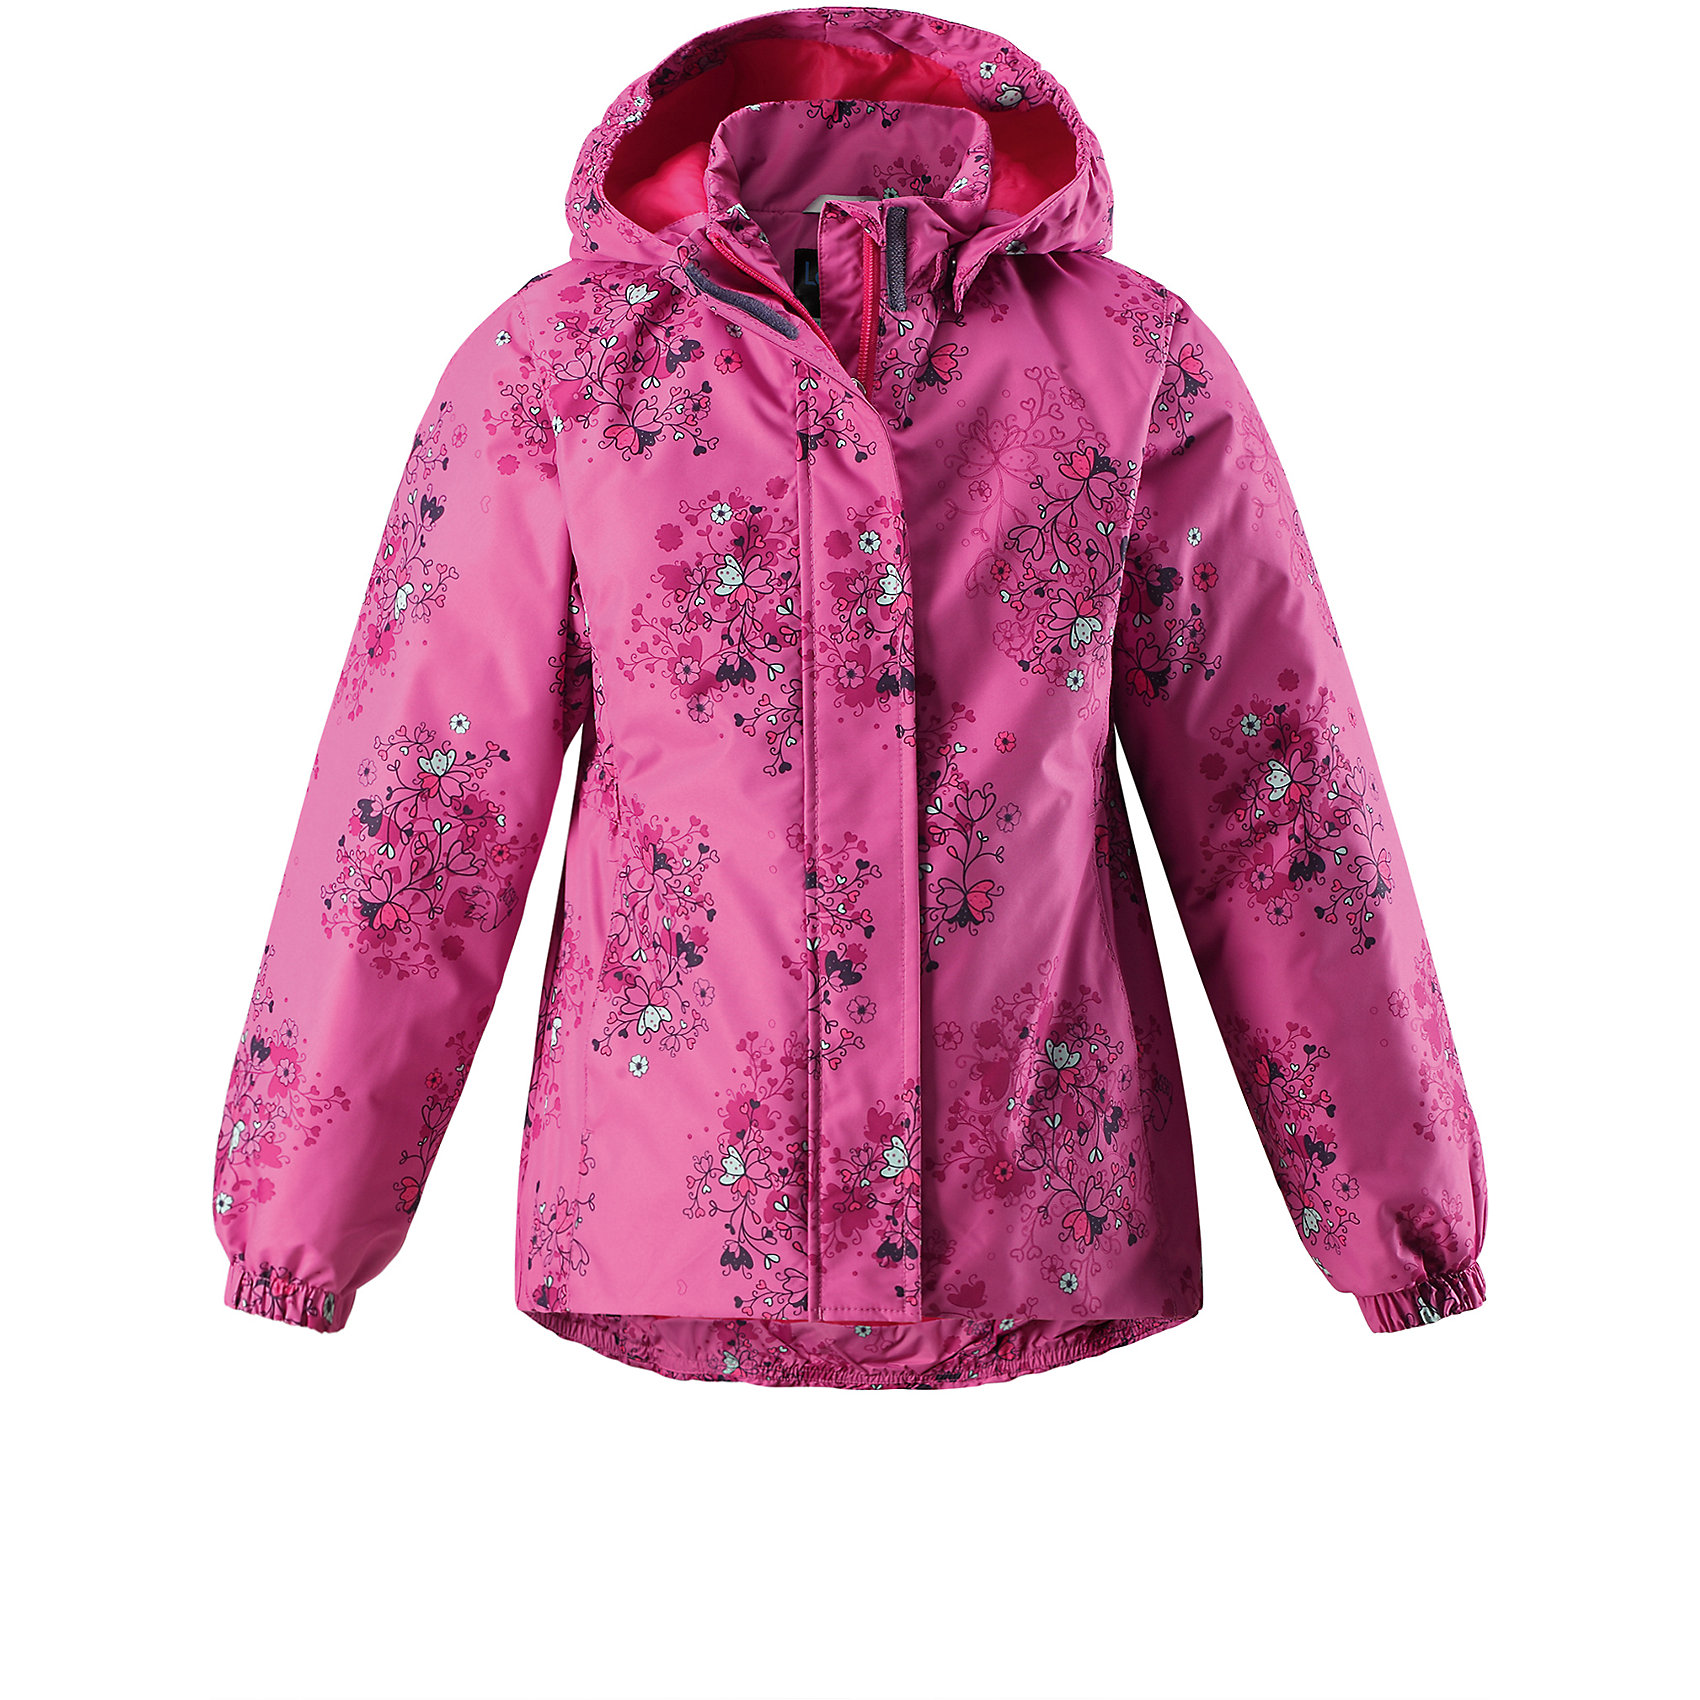 Куртка  для девочки LASSIEОдежда<br>Куртка  для девочки LASSIE<br>Состав:<br>100% Полиэстер, полиуретановое покрытие<br> Куртка для детей.<br> Водоотталкивающий, ветронепроницаемый и «дышащий» материал.<br> Крой для девочек.<br> Гладкая подкладка из полиэстра.<br> Легкая степень утепления.<br> Безопасный, съемный капюшон.<br> Эластичные манжеты.<br> Эластичная талия.<br> Эластичная кромка подола.<br> Карманы в боковых швах.<br><br>Ширина мм: 356<br>Глубина мм: 10<br>Высота мм: 245<br>Вес г: 519<br>Цвет: красный<br>Возраст от месяцев: 60<br>Возраст до месяцев: 72<br>Пол: Женский<br>Возраст: Детский<br>Размер: 116,134,122,110,104,98,92,128,140<br>SKU: 5264980